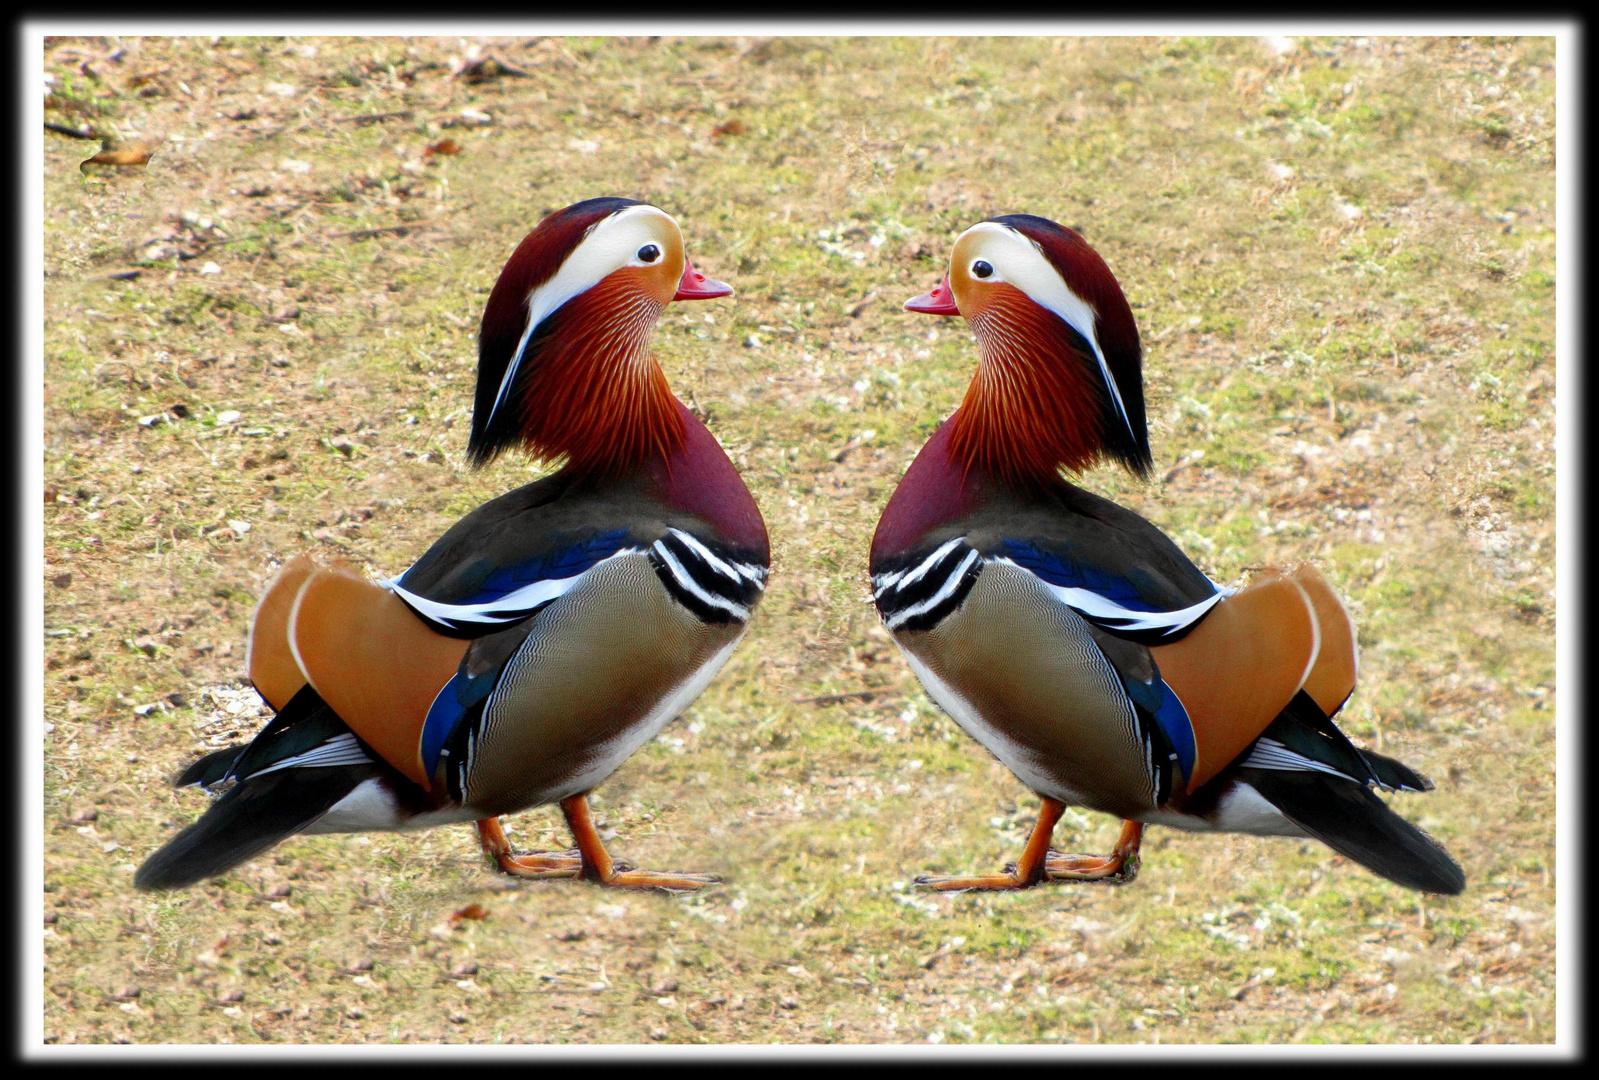 Spiegelbild (Mandarinente im Doppelpack)